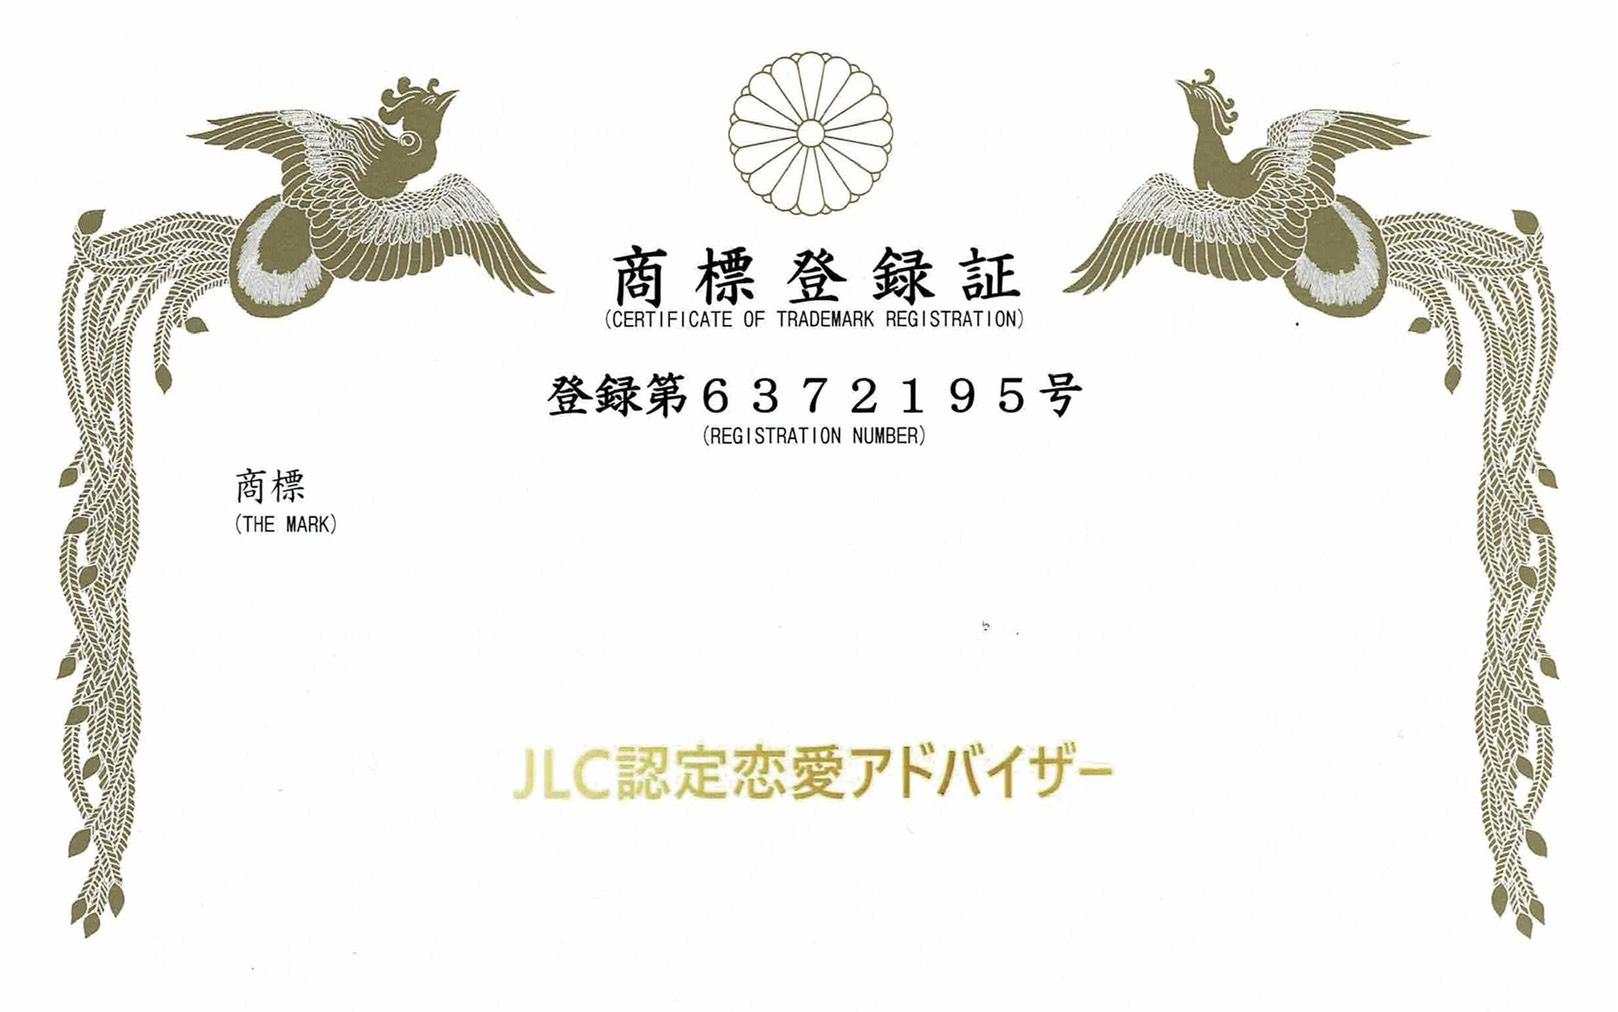 JLC認定恋愛アドバイザー®︎商標登録